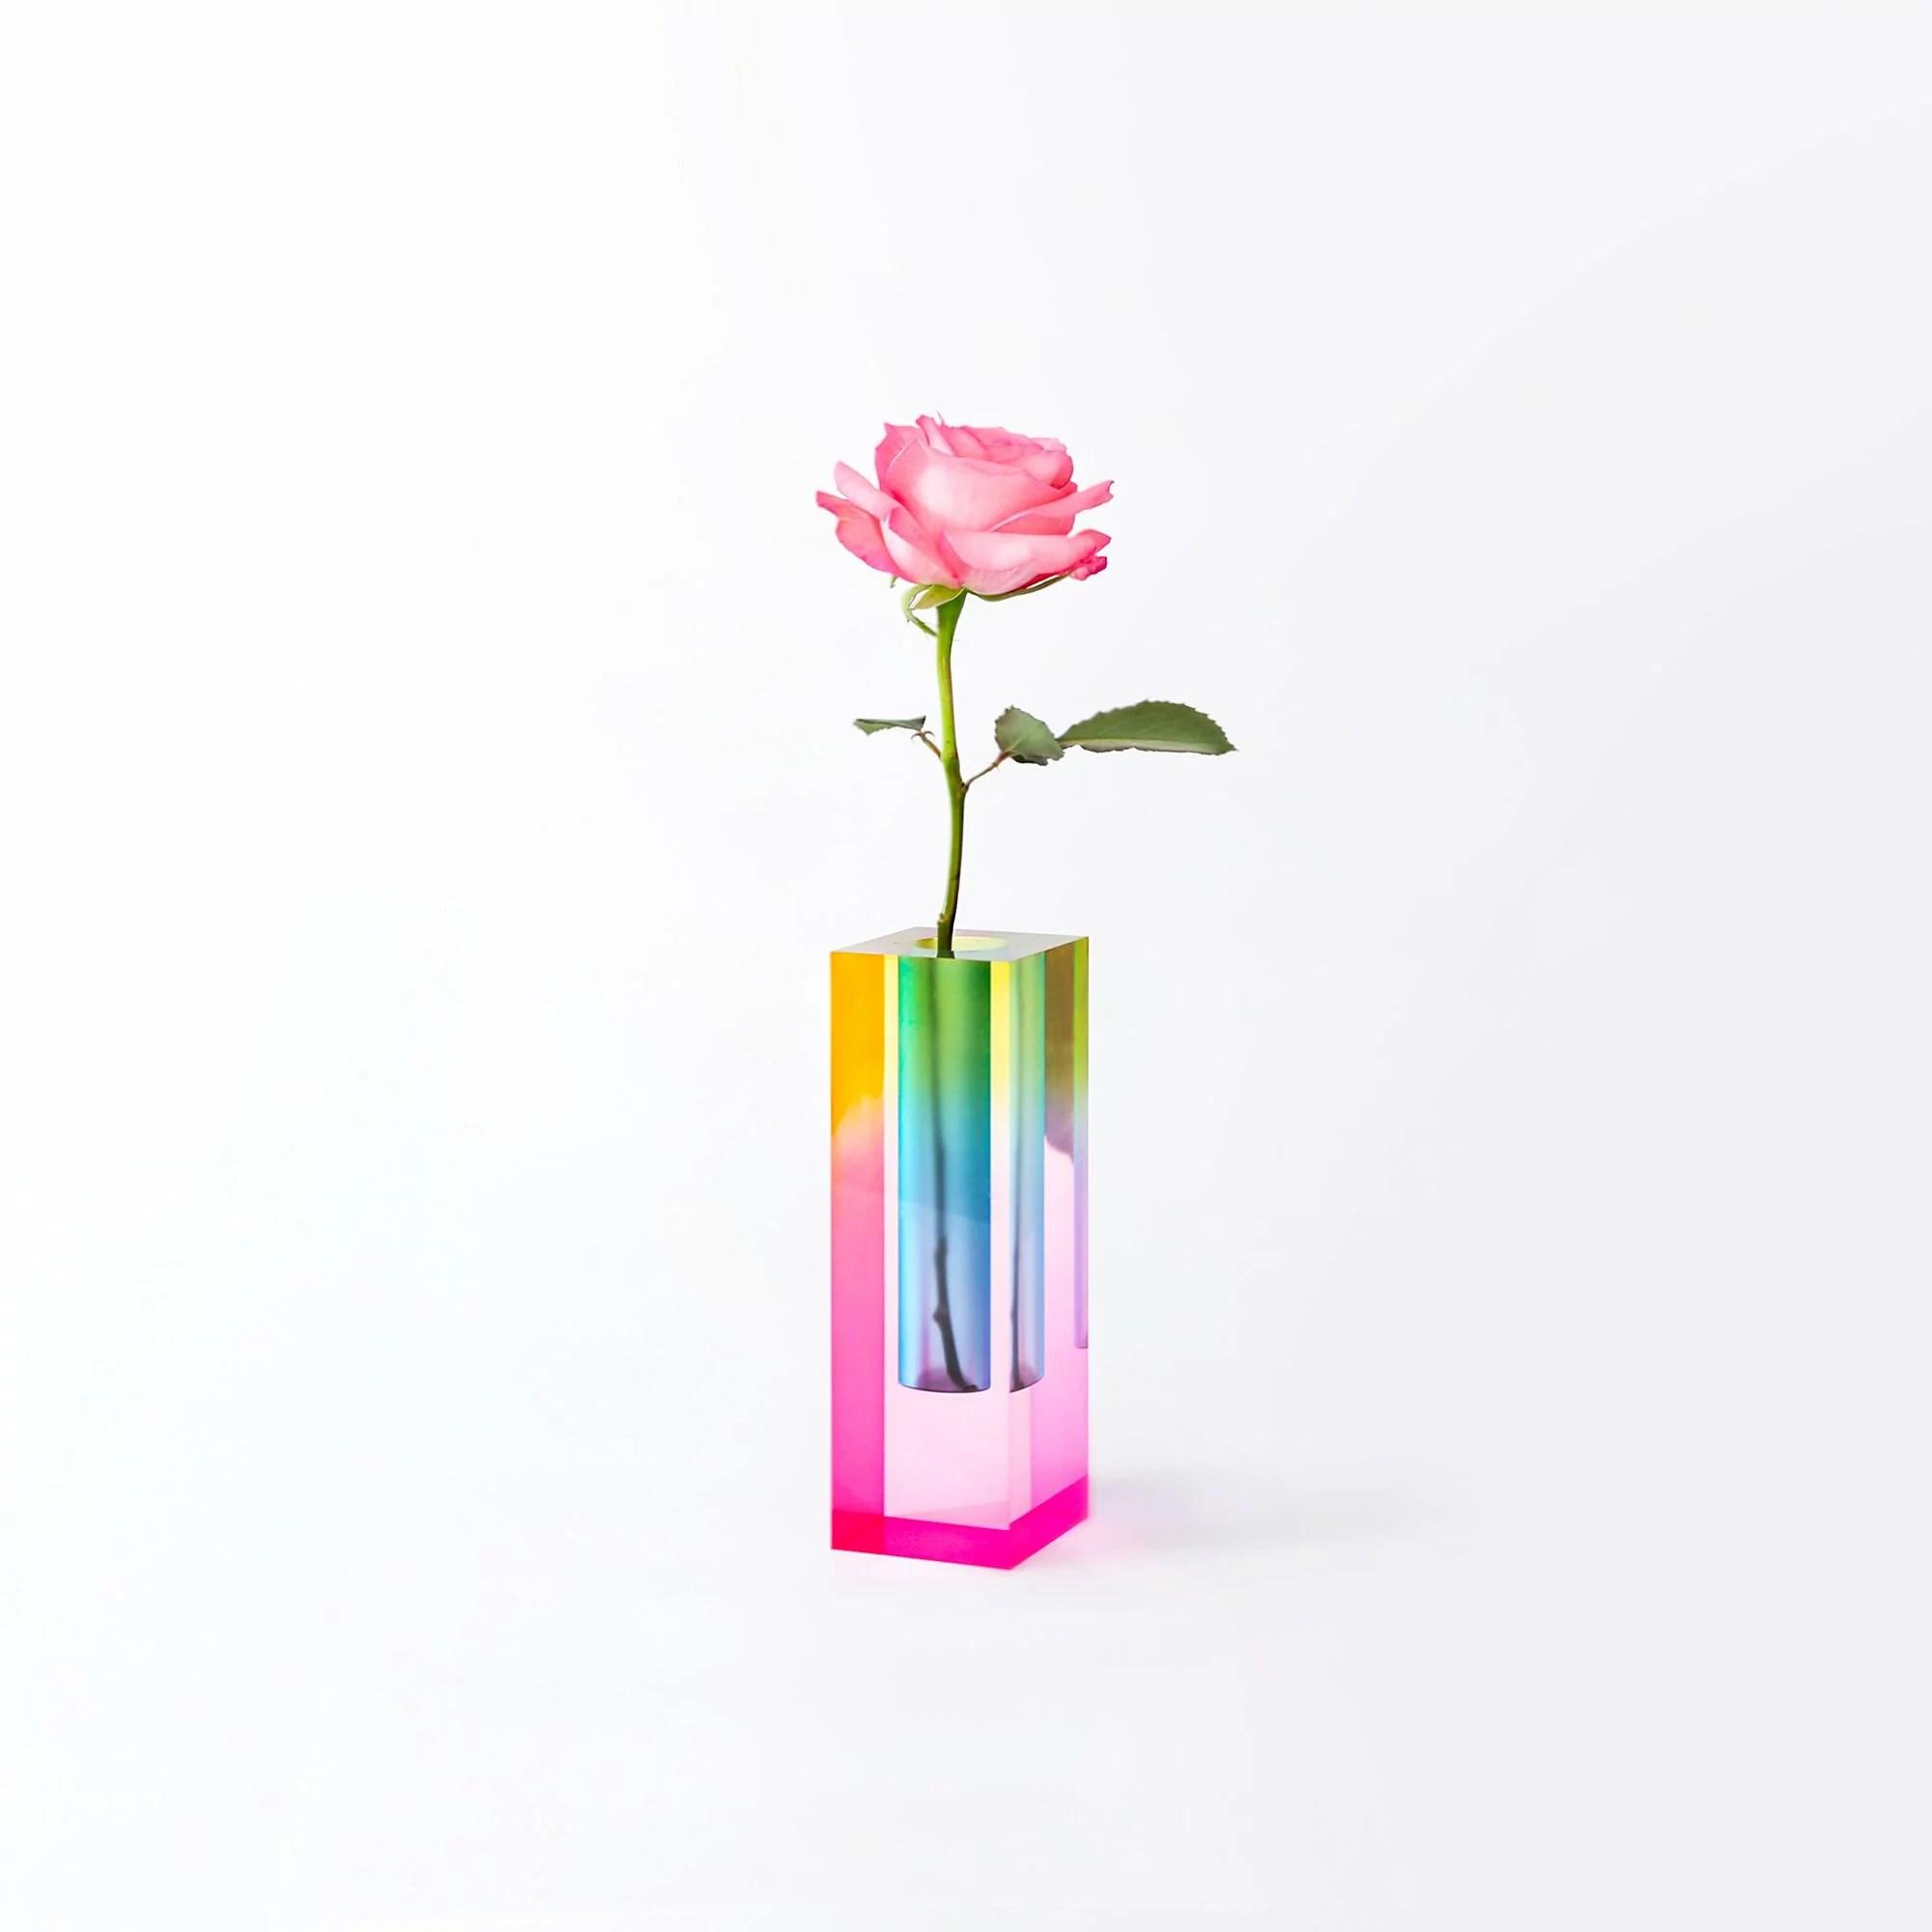 Hattern Mellow Splendid vase